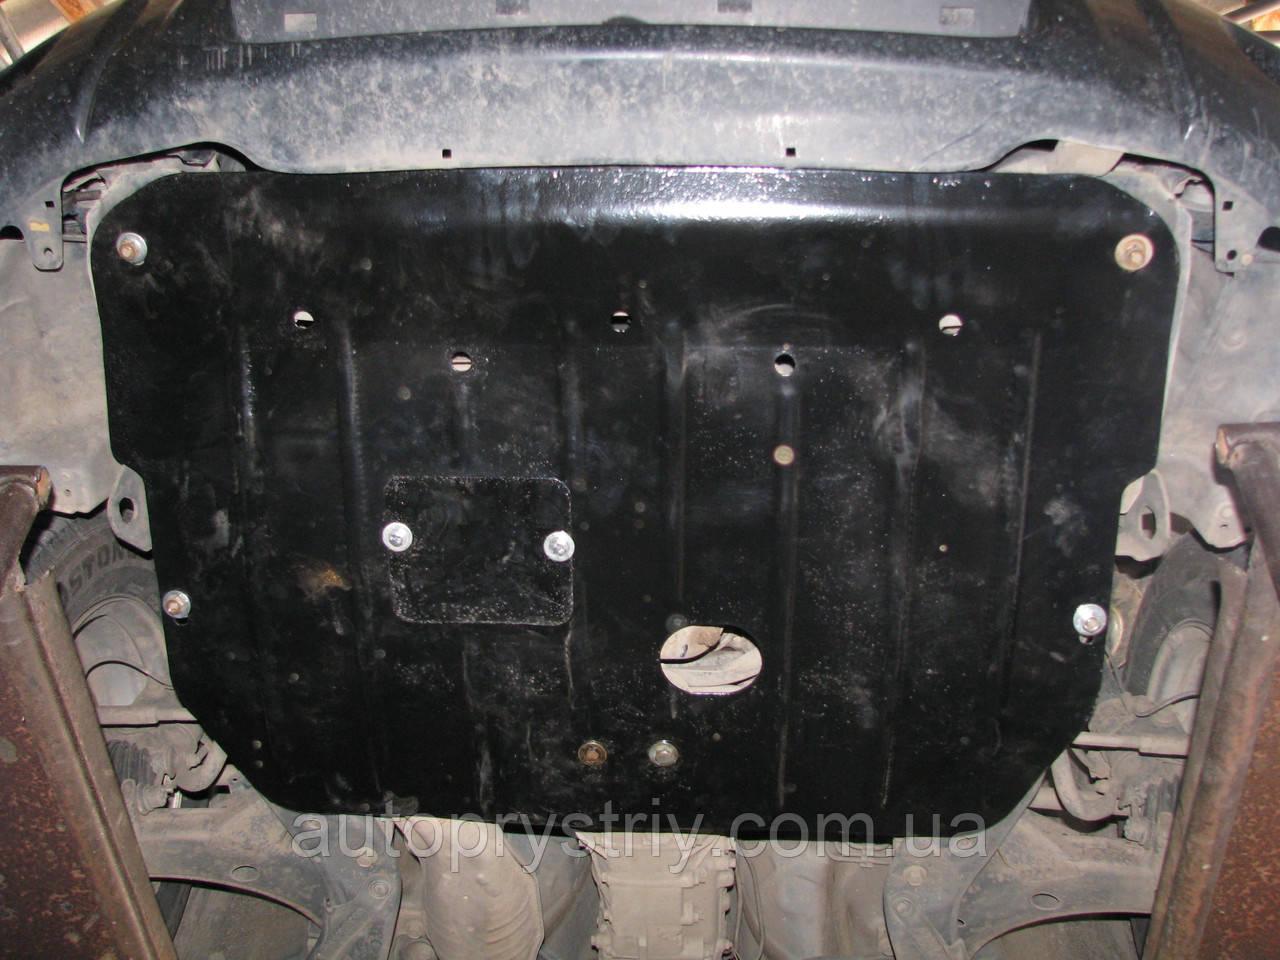 Защита двигателя и КПП Subaru Forester (1999-2008) механика 2.0